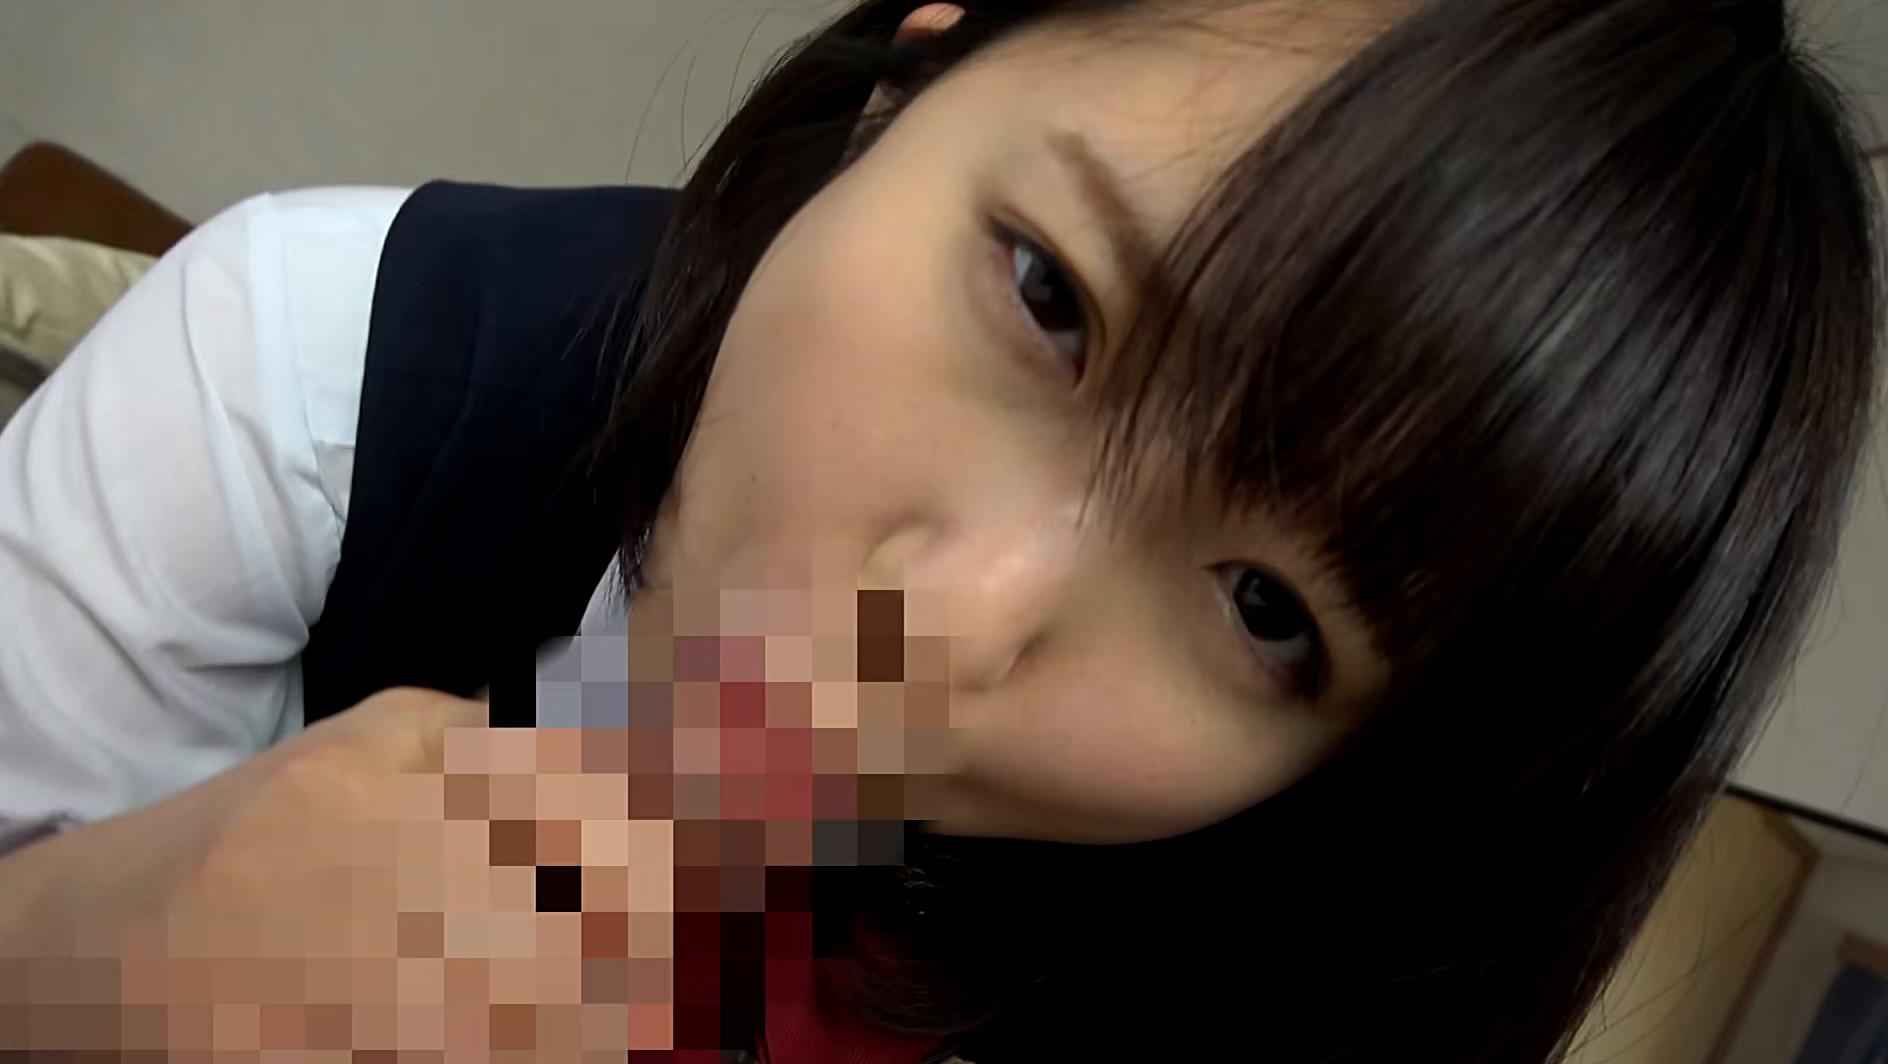 自撮りするJ●娘にチンコを刺激されたら我慢できず手コキされ口内射精され巨乳オッパイ揉みしだきSEXへ! 画像5